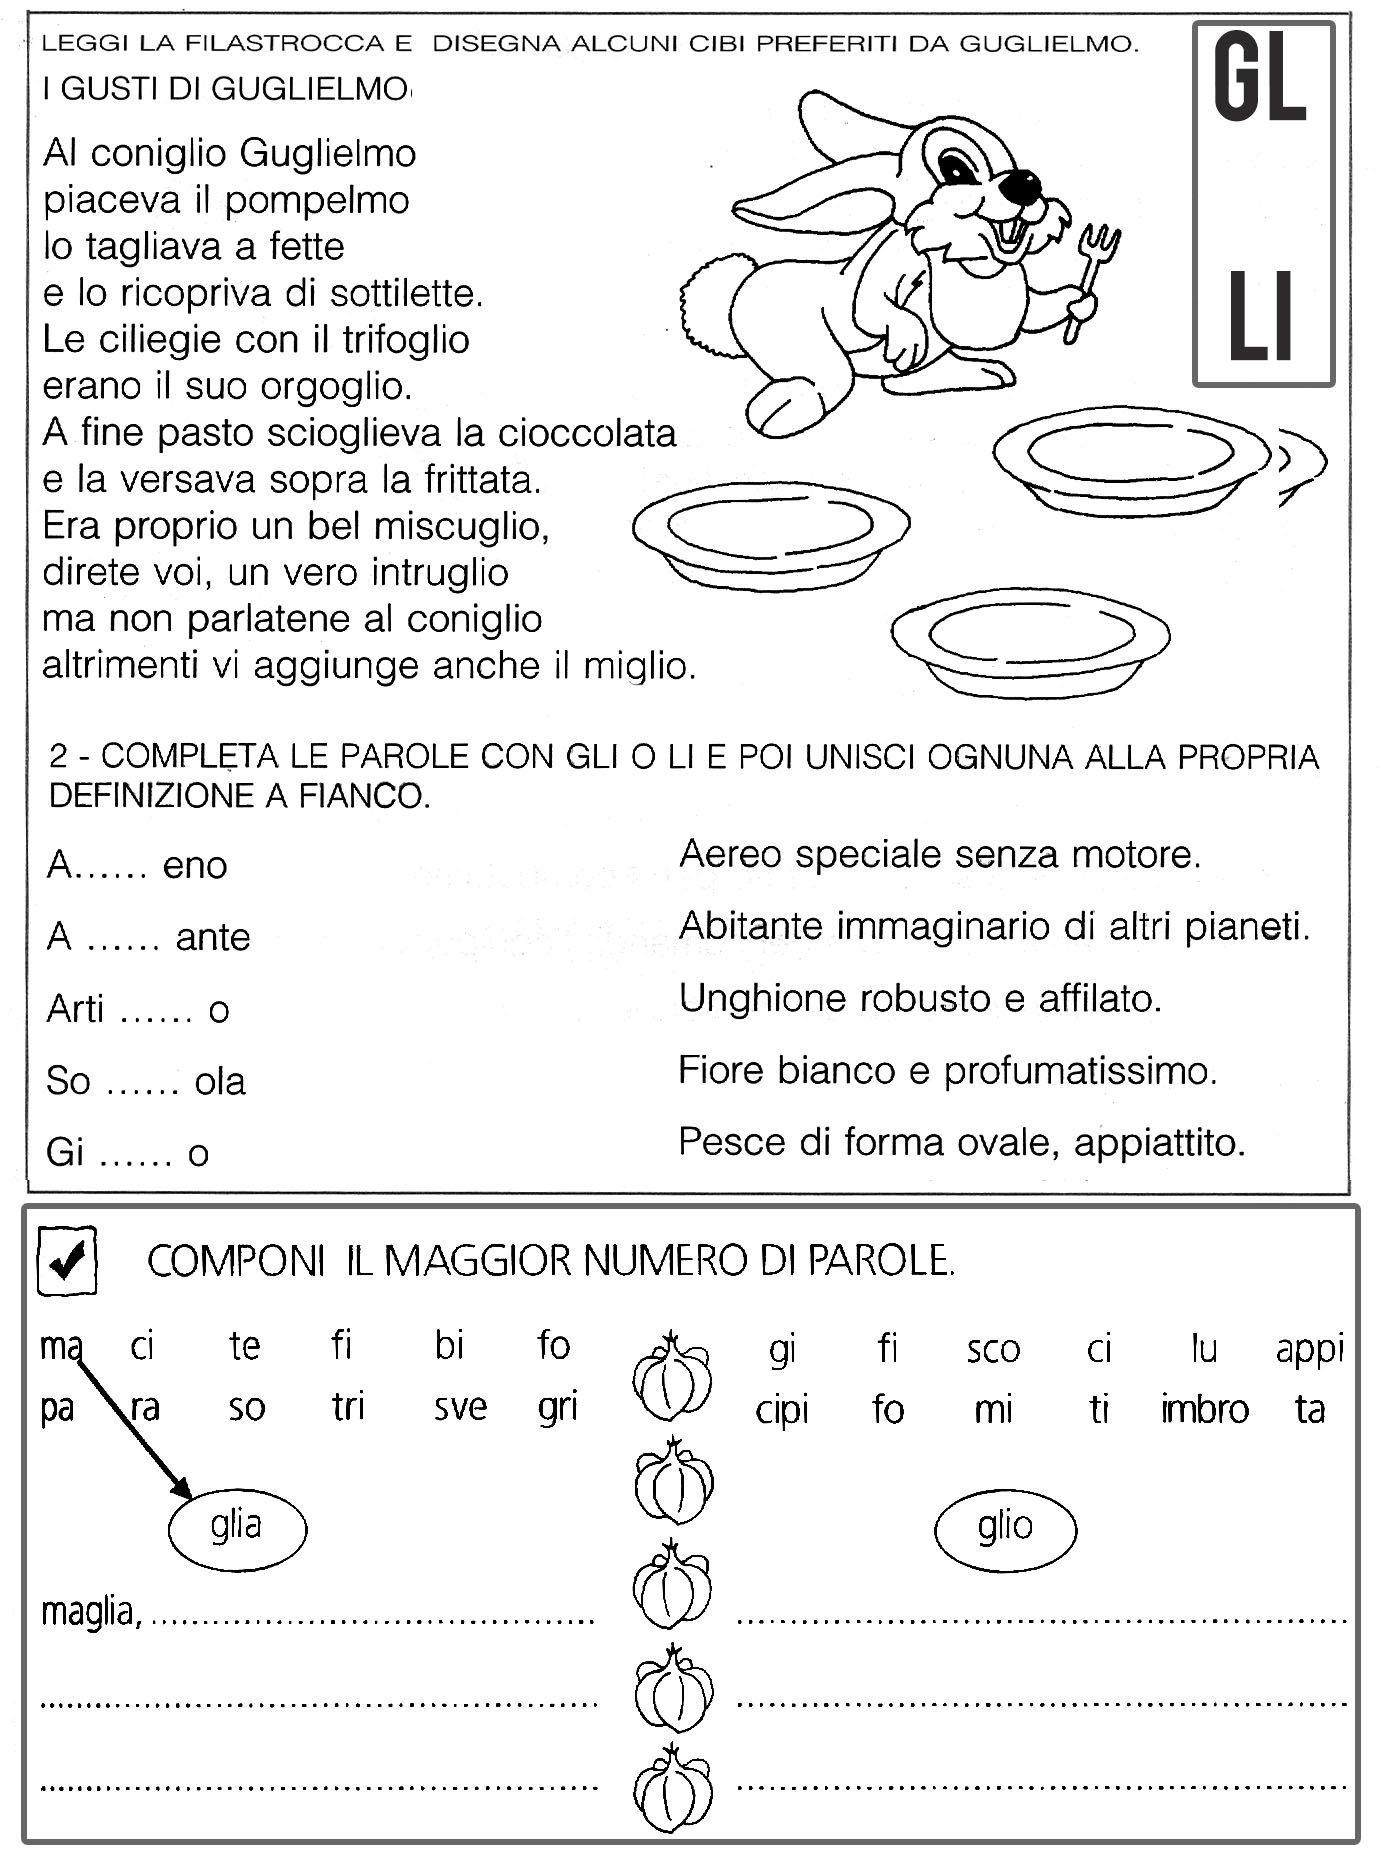 Pin von gabriella auf digramma gl | Pinterest | Italien